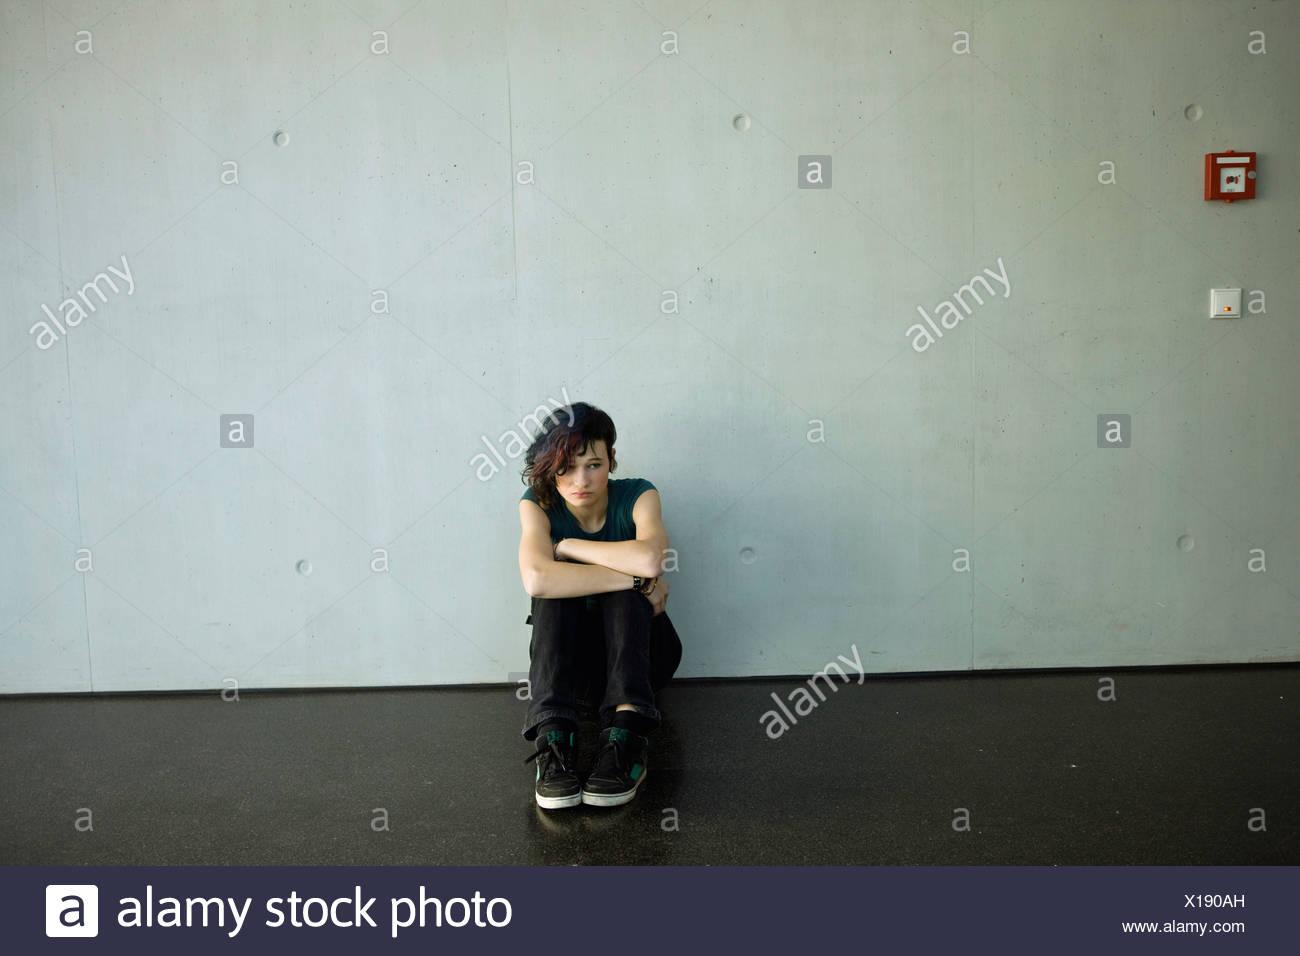 Sullen teenage girl sitting on floor barren room - Stock Image